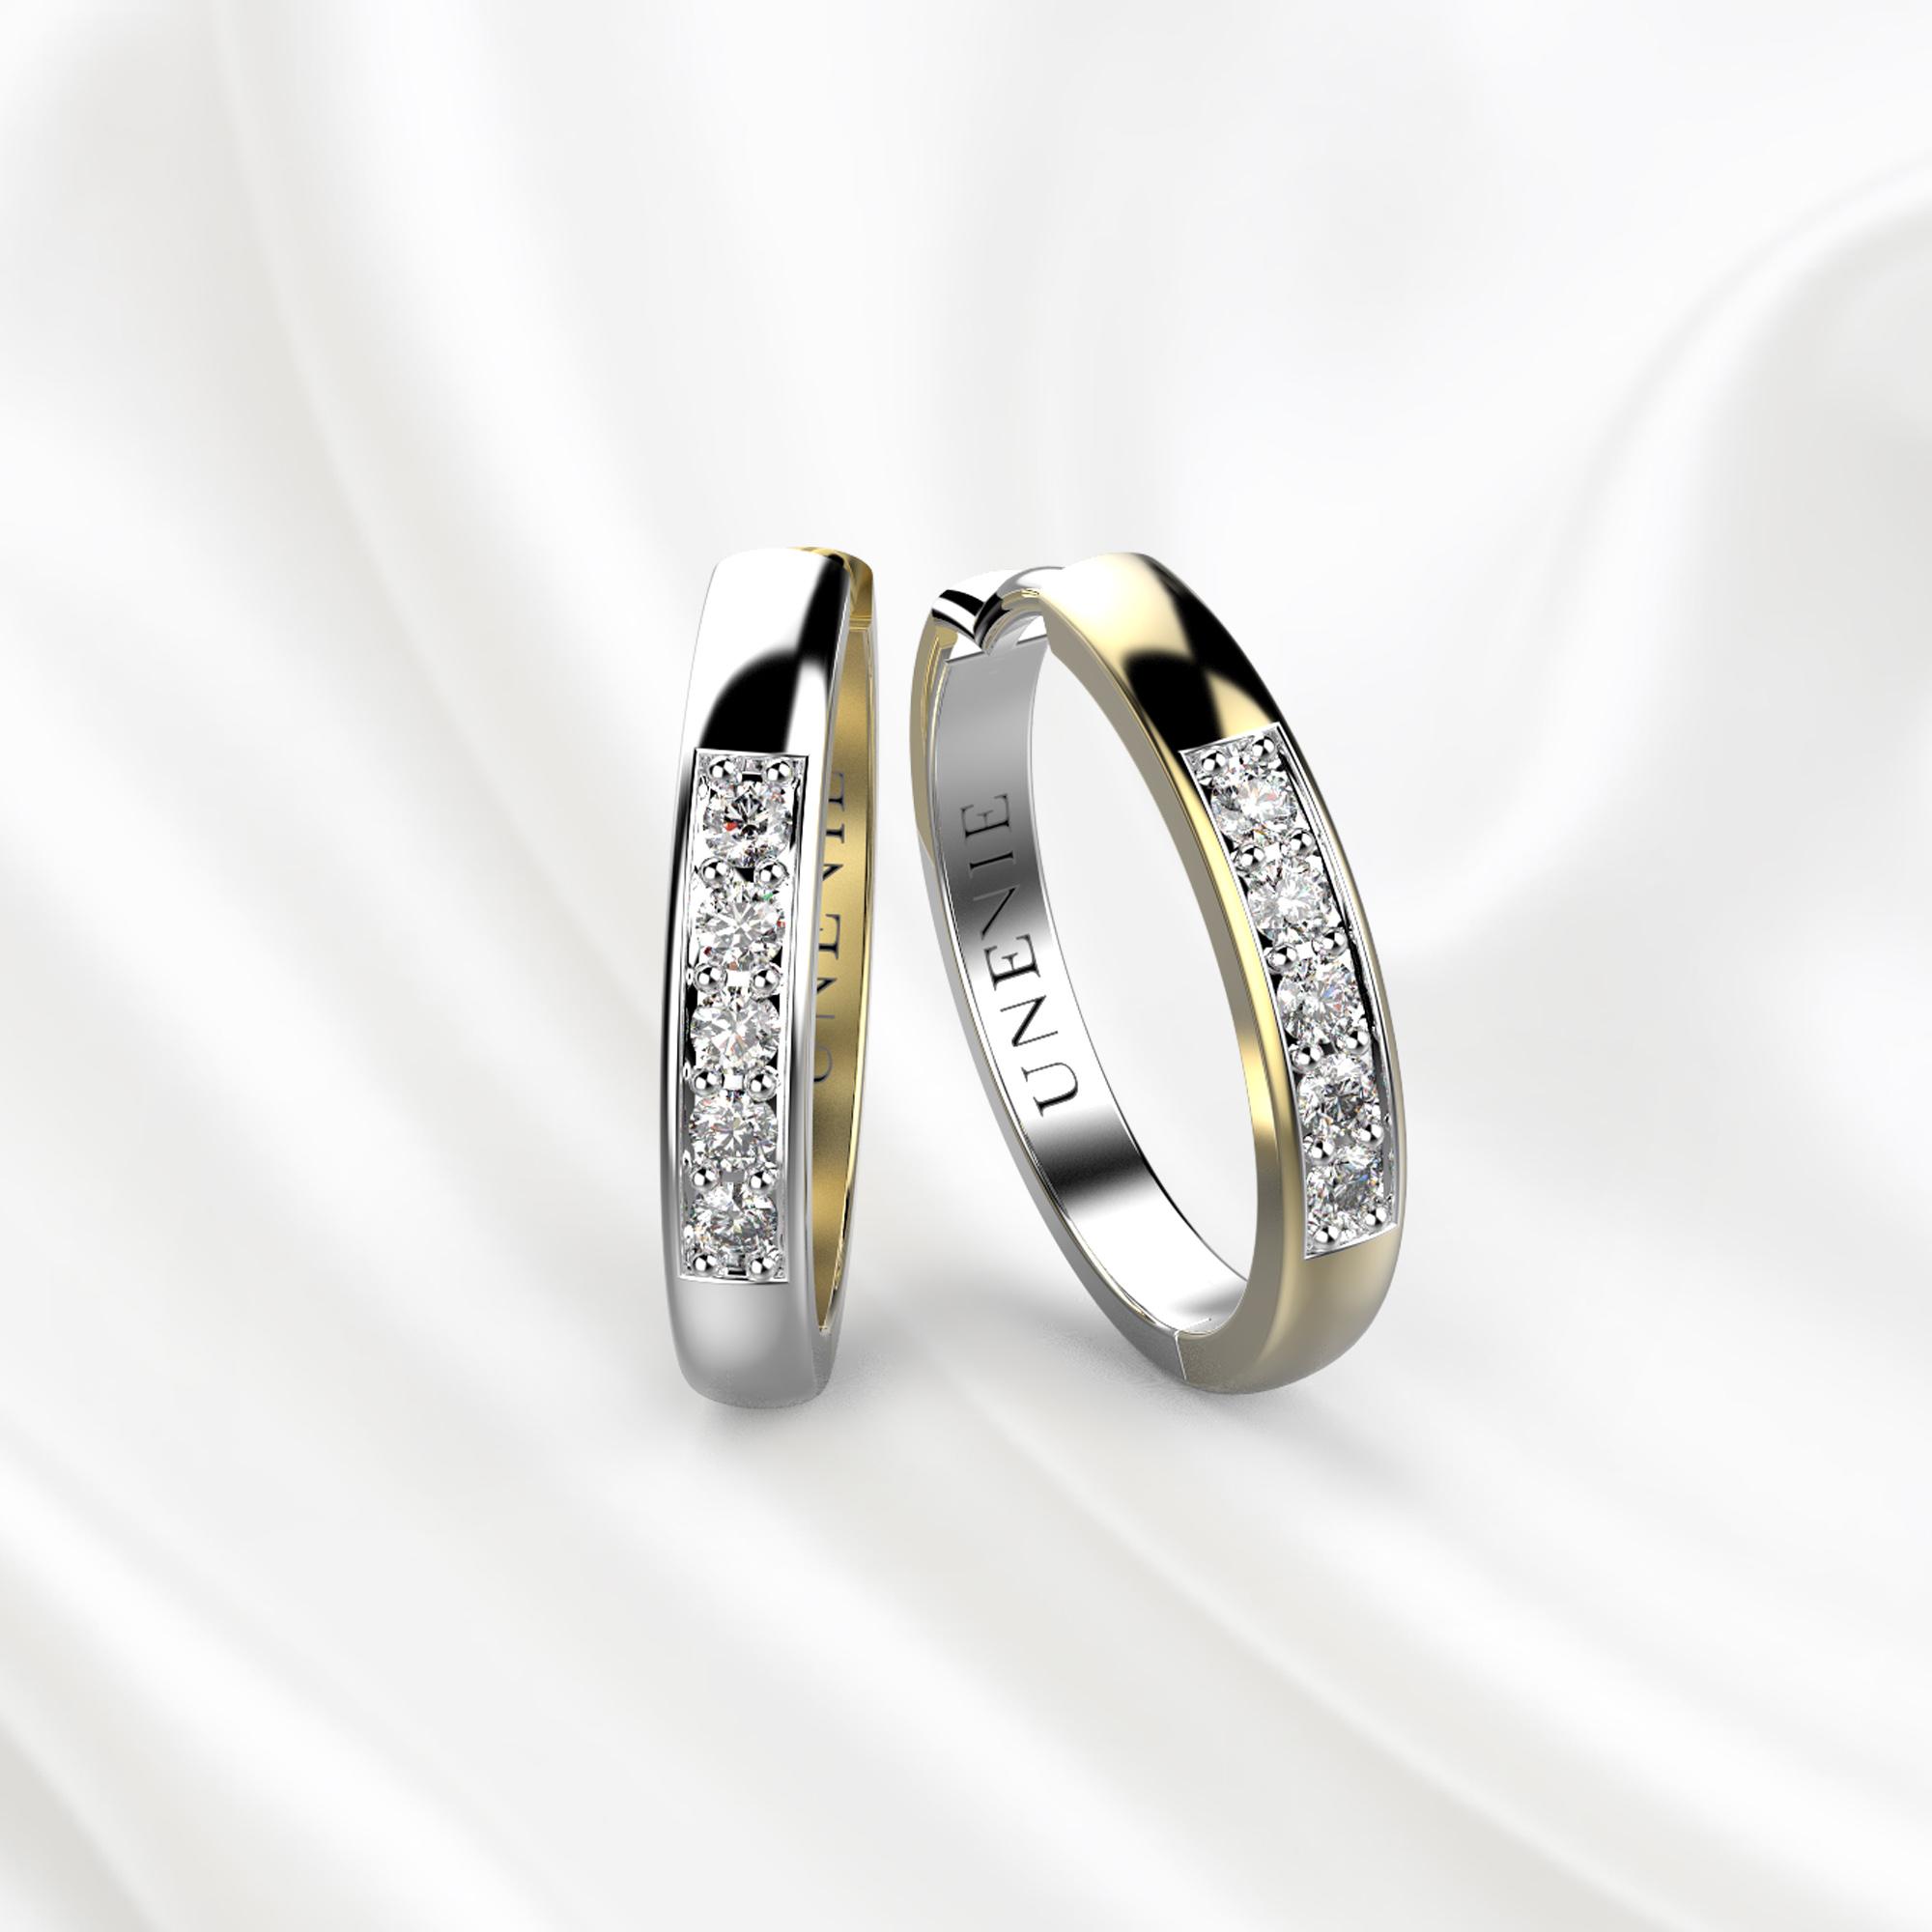 S8 Серьги из желто-белого золота с 20 бриллиантами